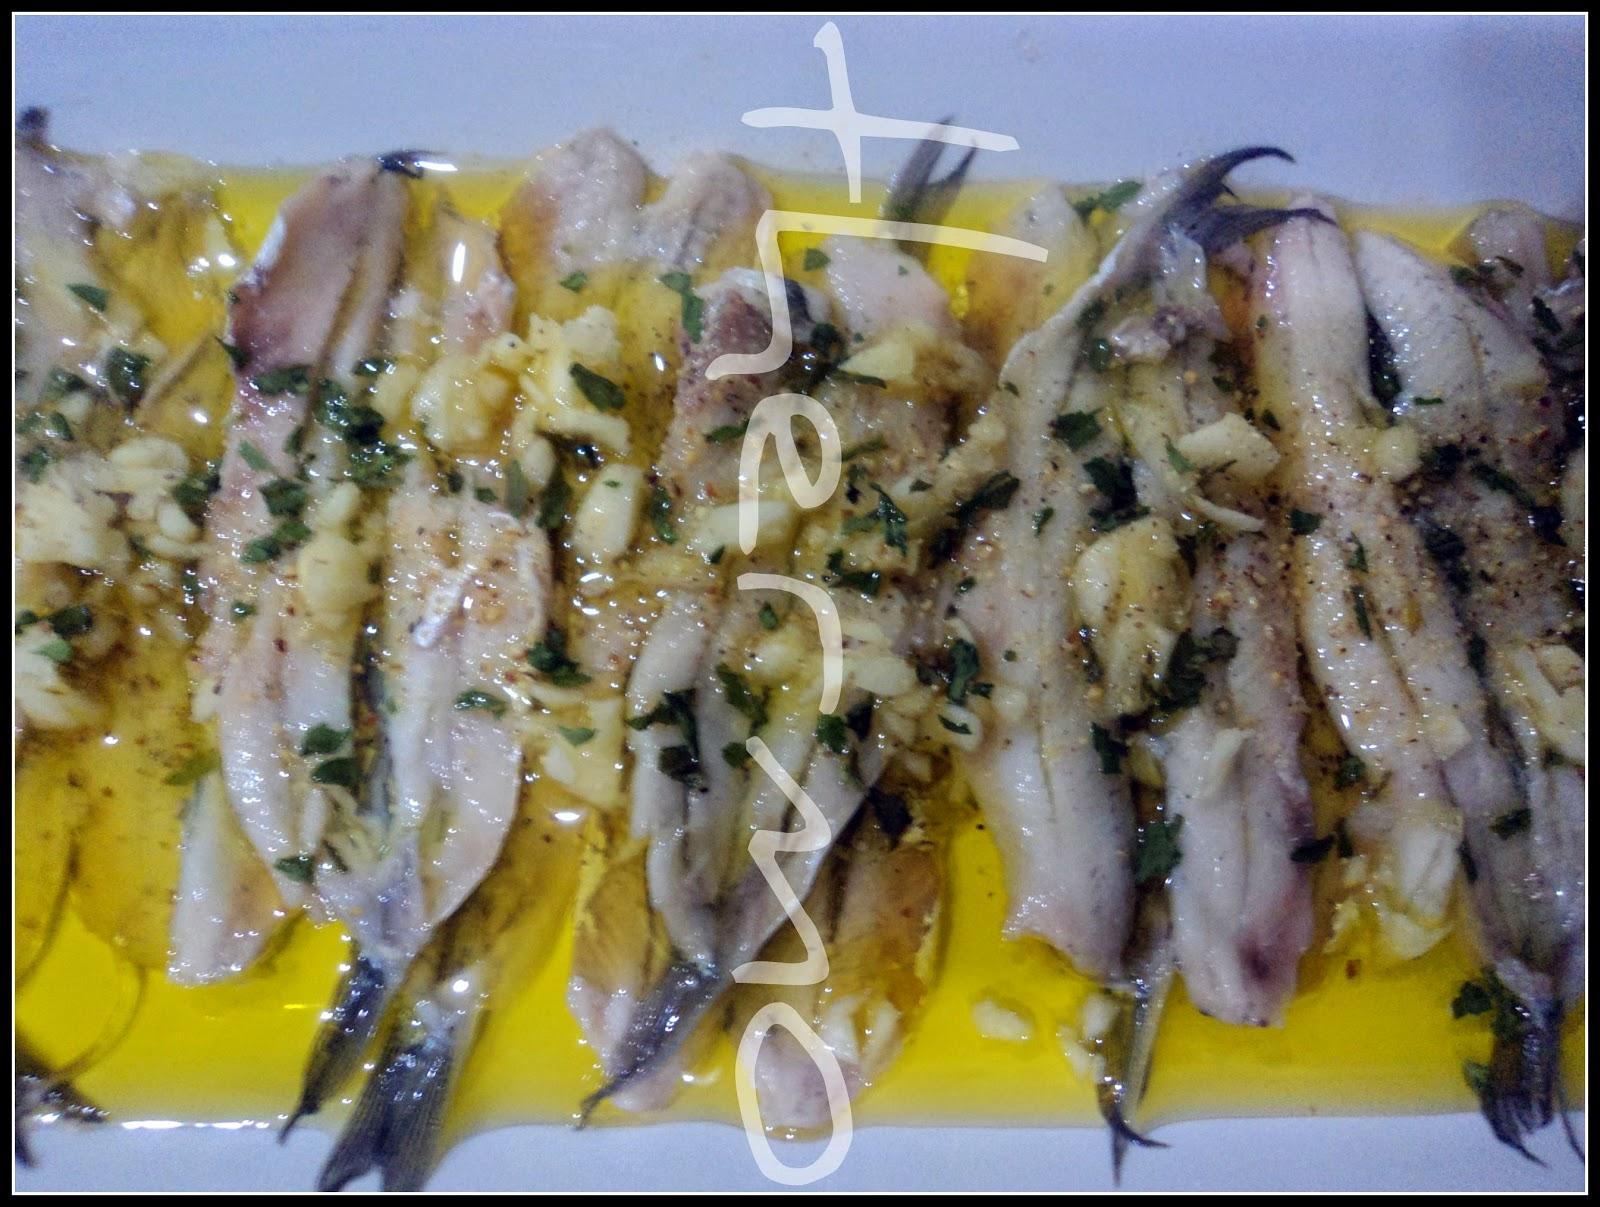 receta casera anchoas, boquerones en vinagre, bocartes